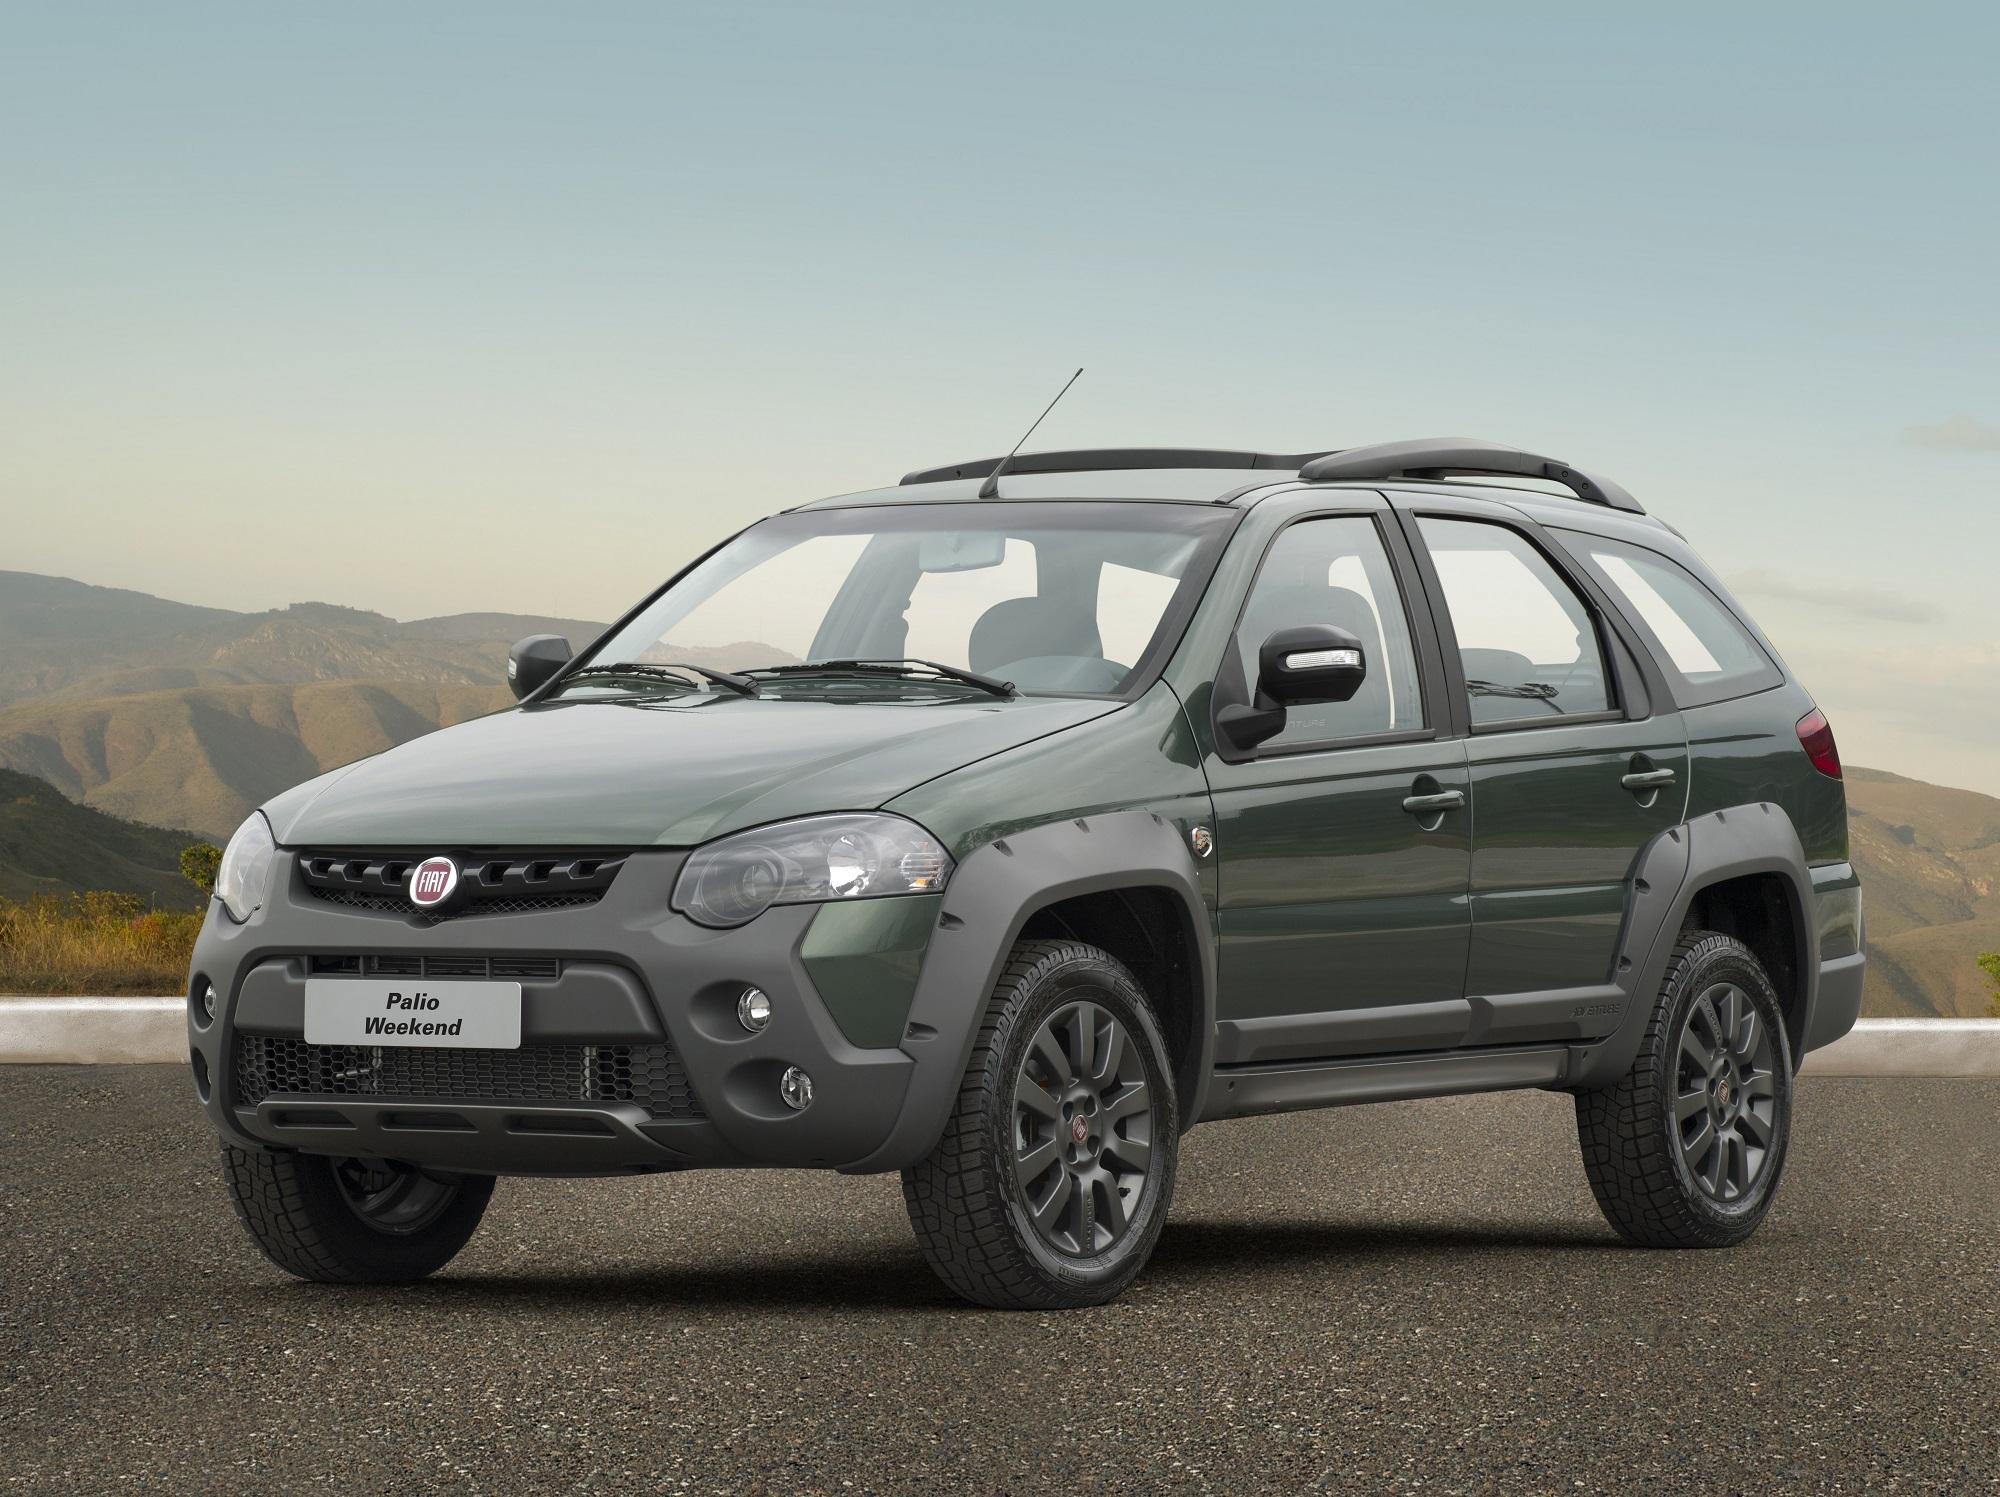 Fiat Weekend na versão ADventure cor verde com para-choque de impusão e molduras nas caixas de roda